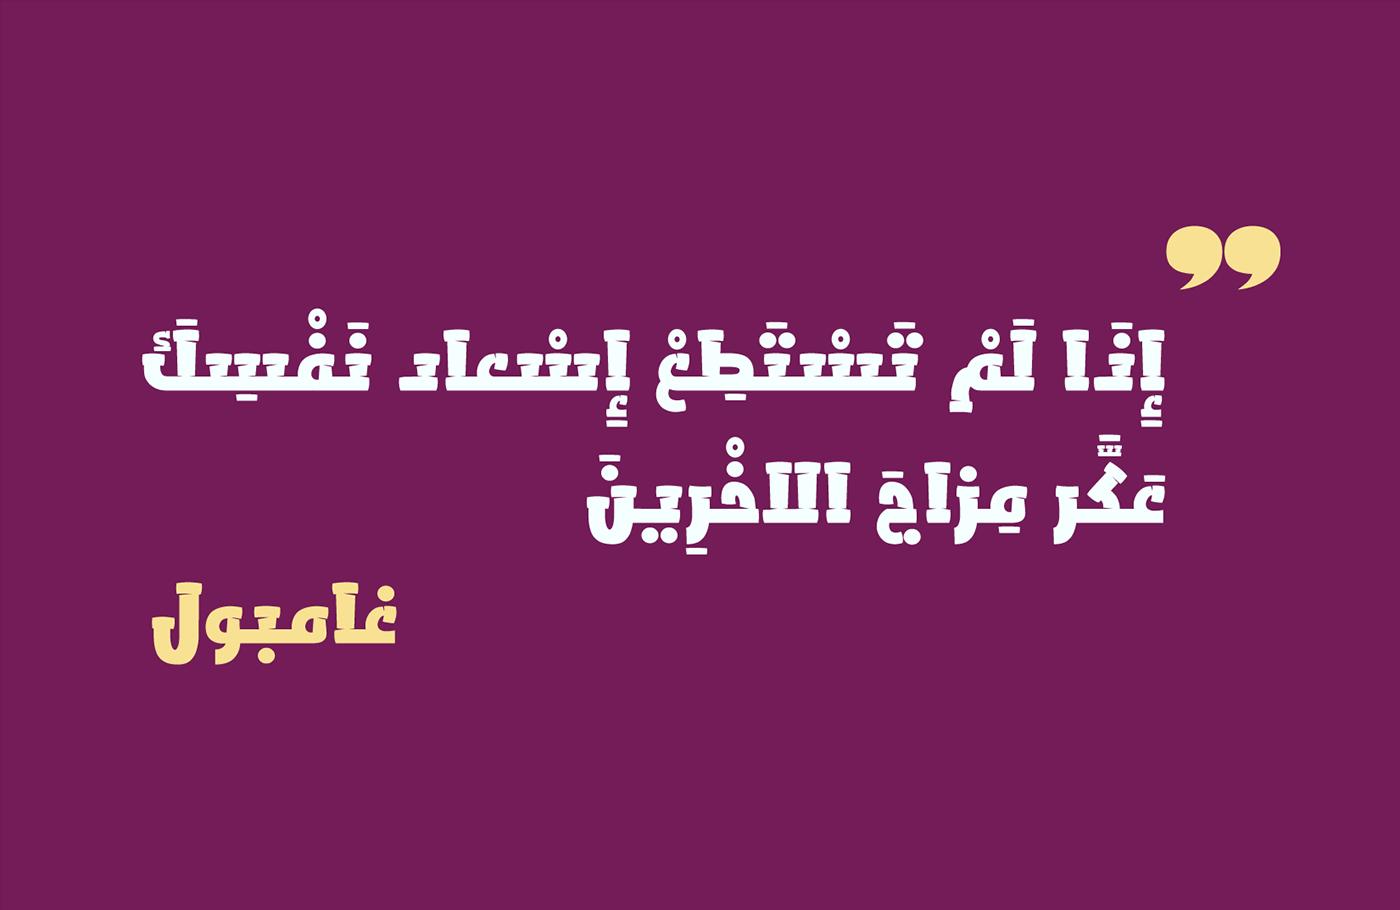 Pin on Arabic خطوط عربية